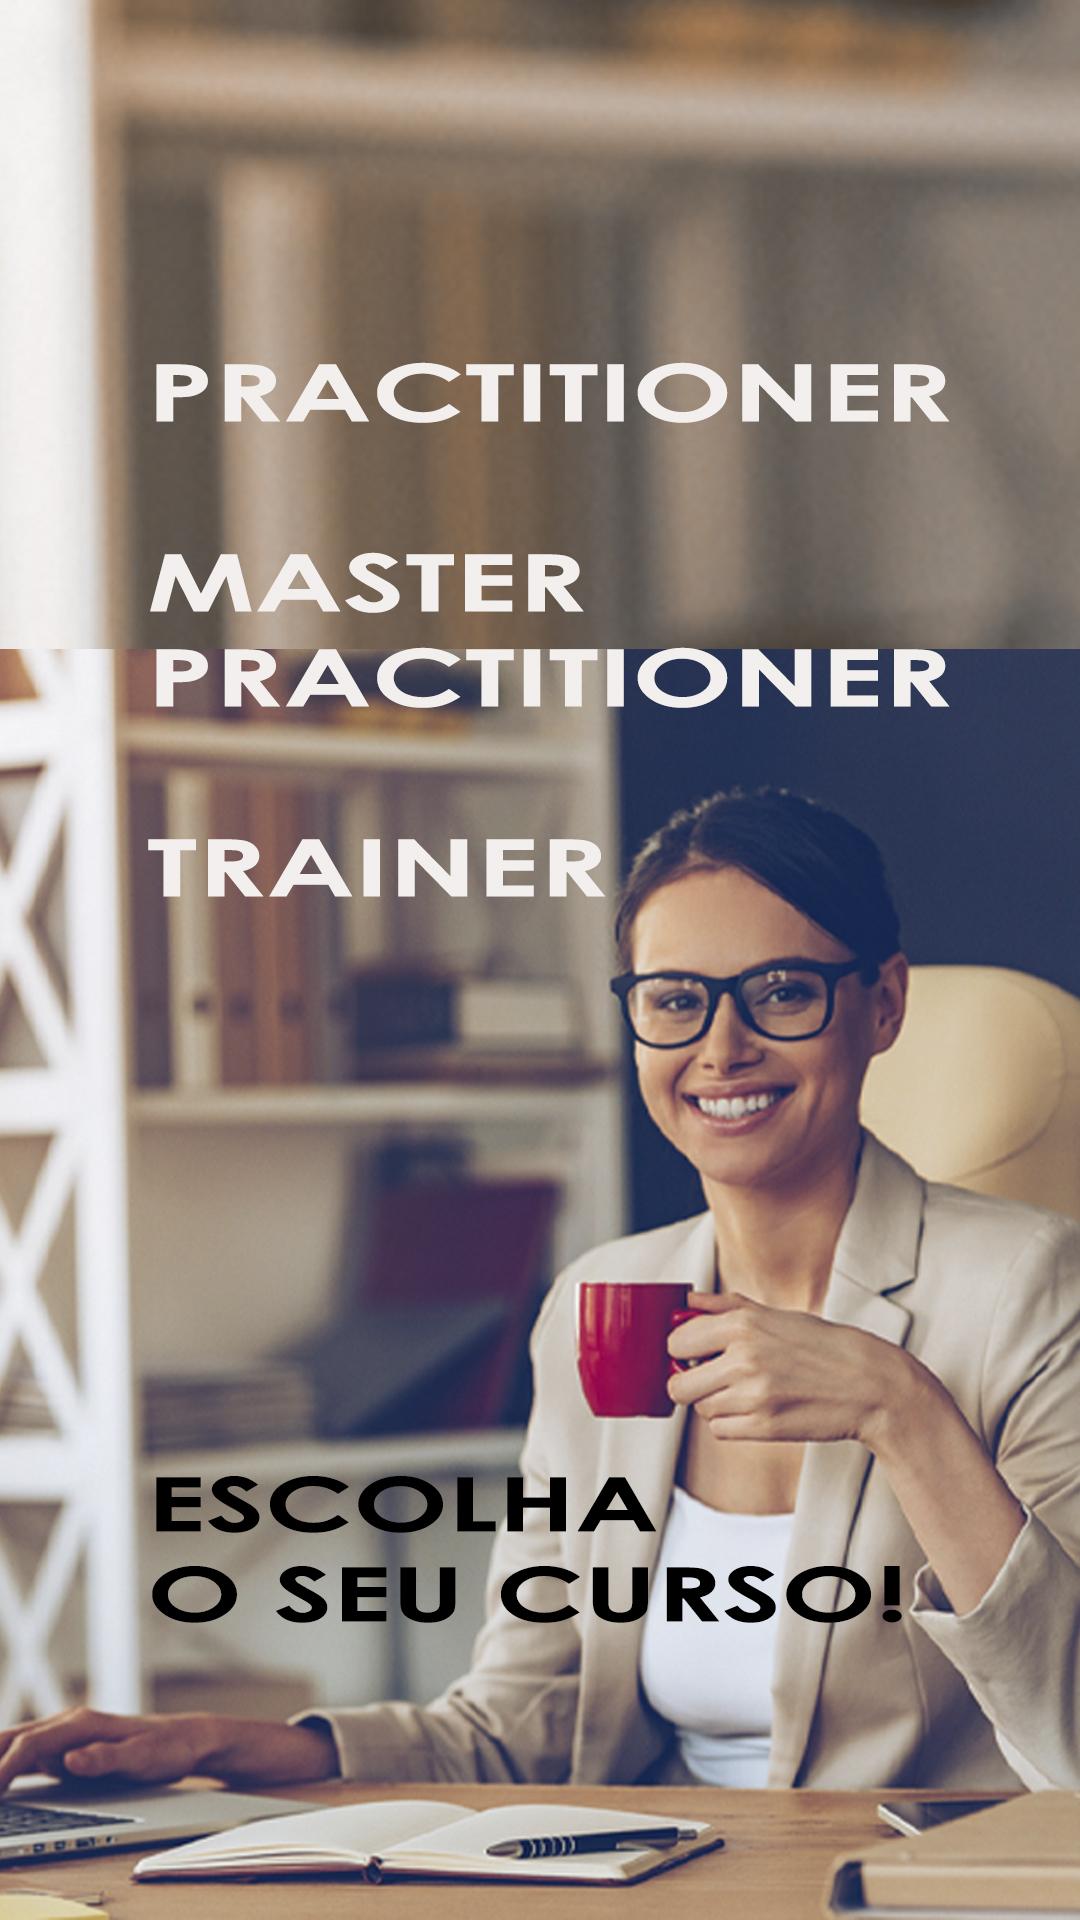 Faça sua formação em PNL no IbraPNL - www.ibrapnl.com.br 31 33721308 | 31 987116942